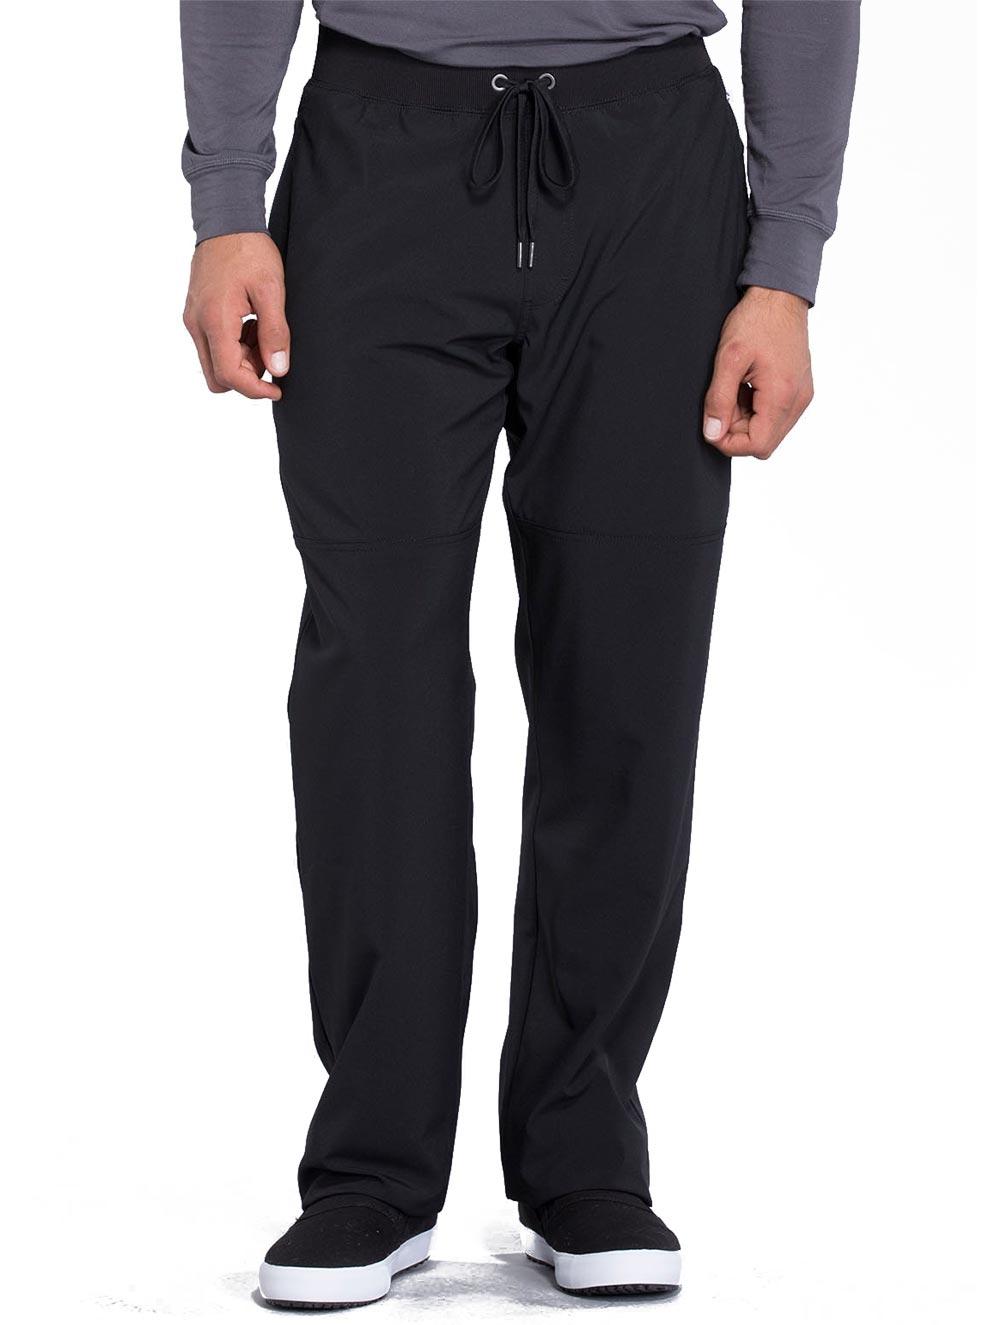 Men's Tapered Leg Drawstring Pant